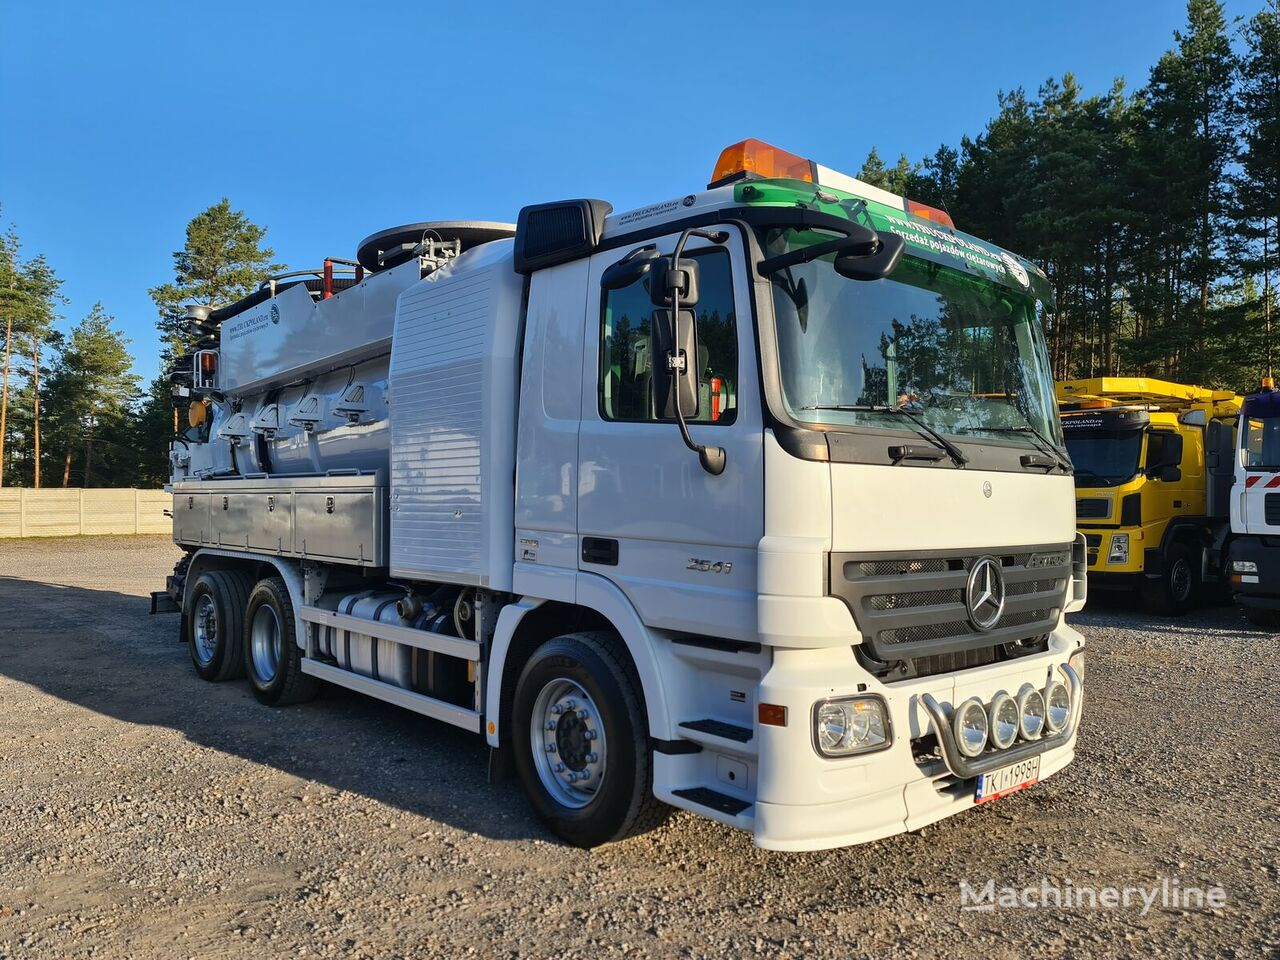 MERCEDES-BENZ 2541 WUKO FFG ELEPHANT 6x2 DO CZYSZCZENIA KANAŁÓW vacuum truck